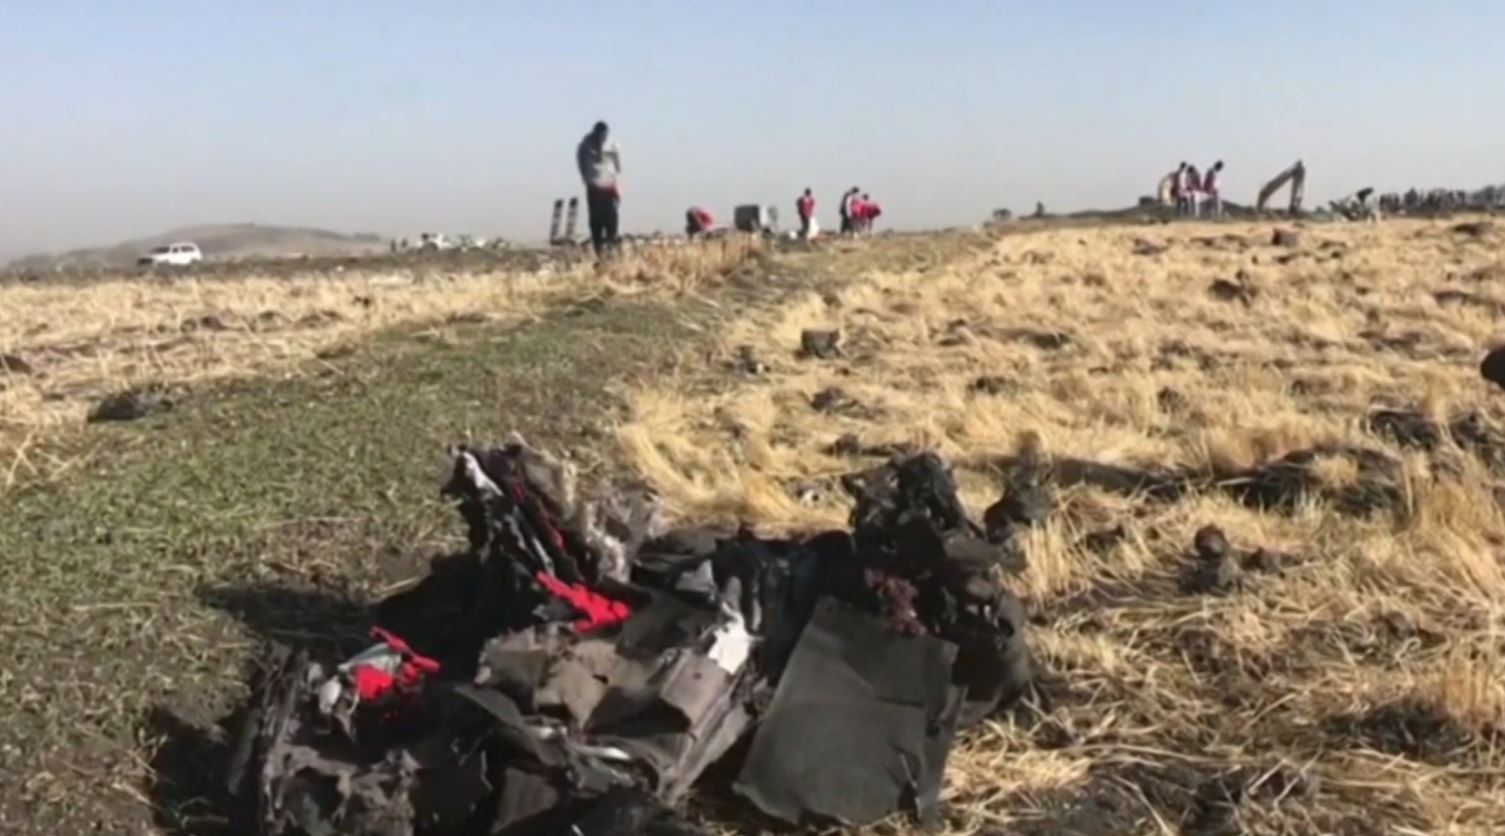 Rrëzimi i avionit në Etiopi, gjenden kutitë e zeza